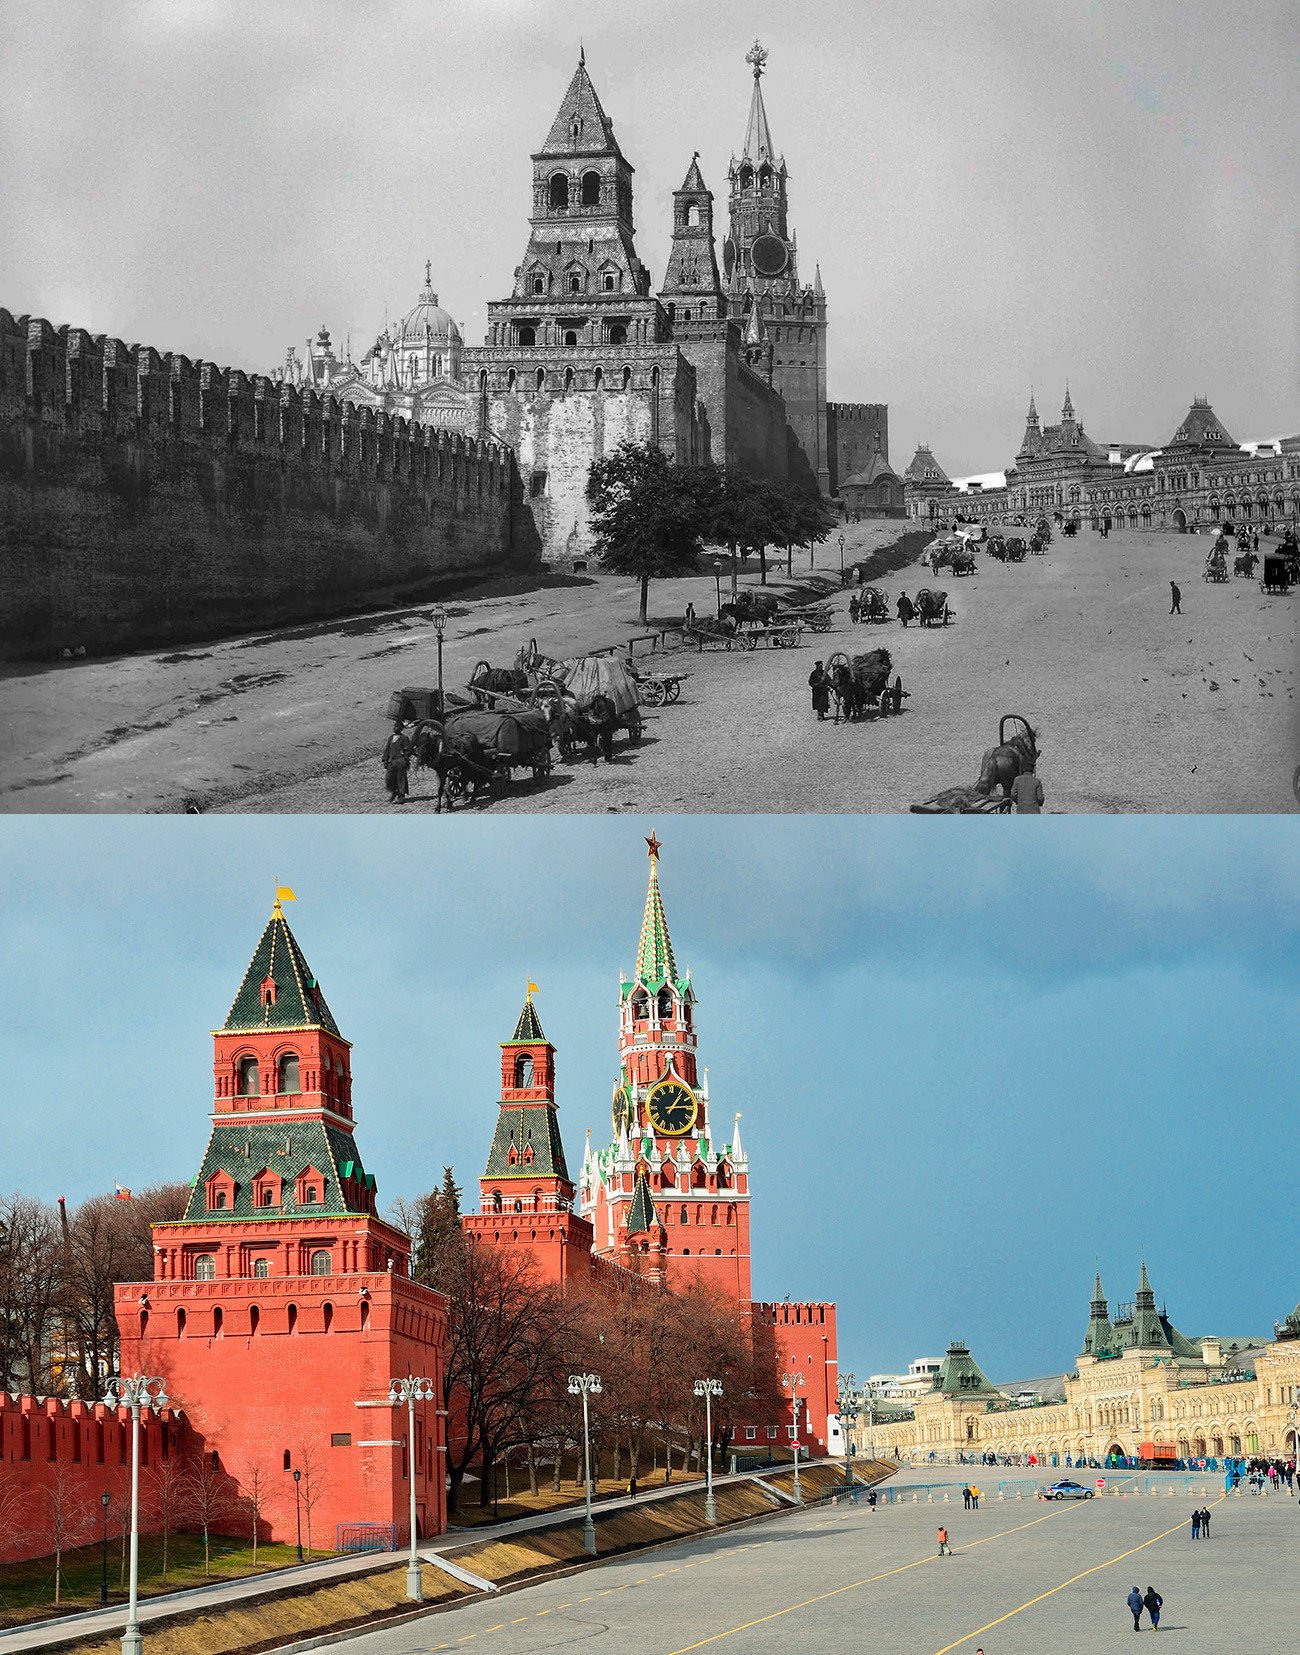 Vasilievsky Spusk sq.